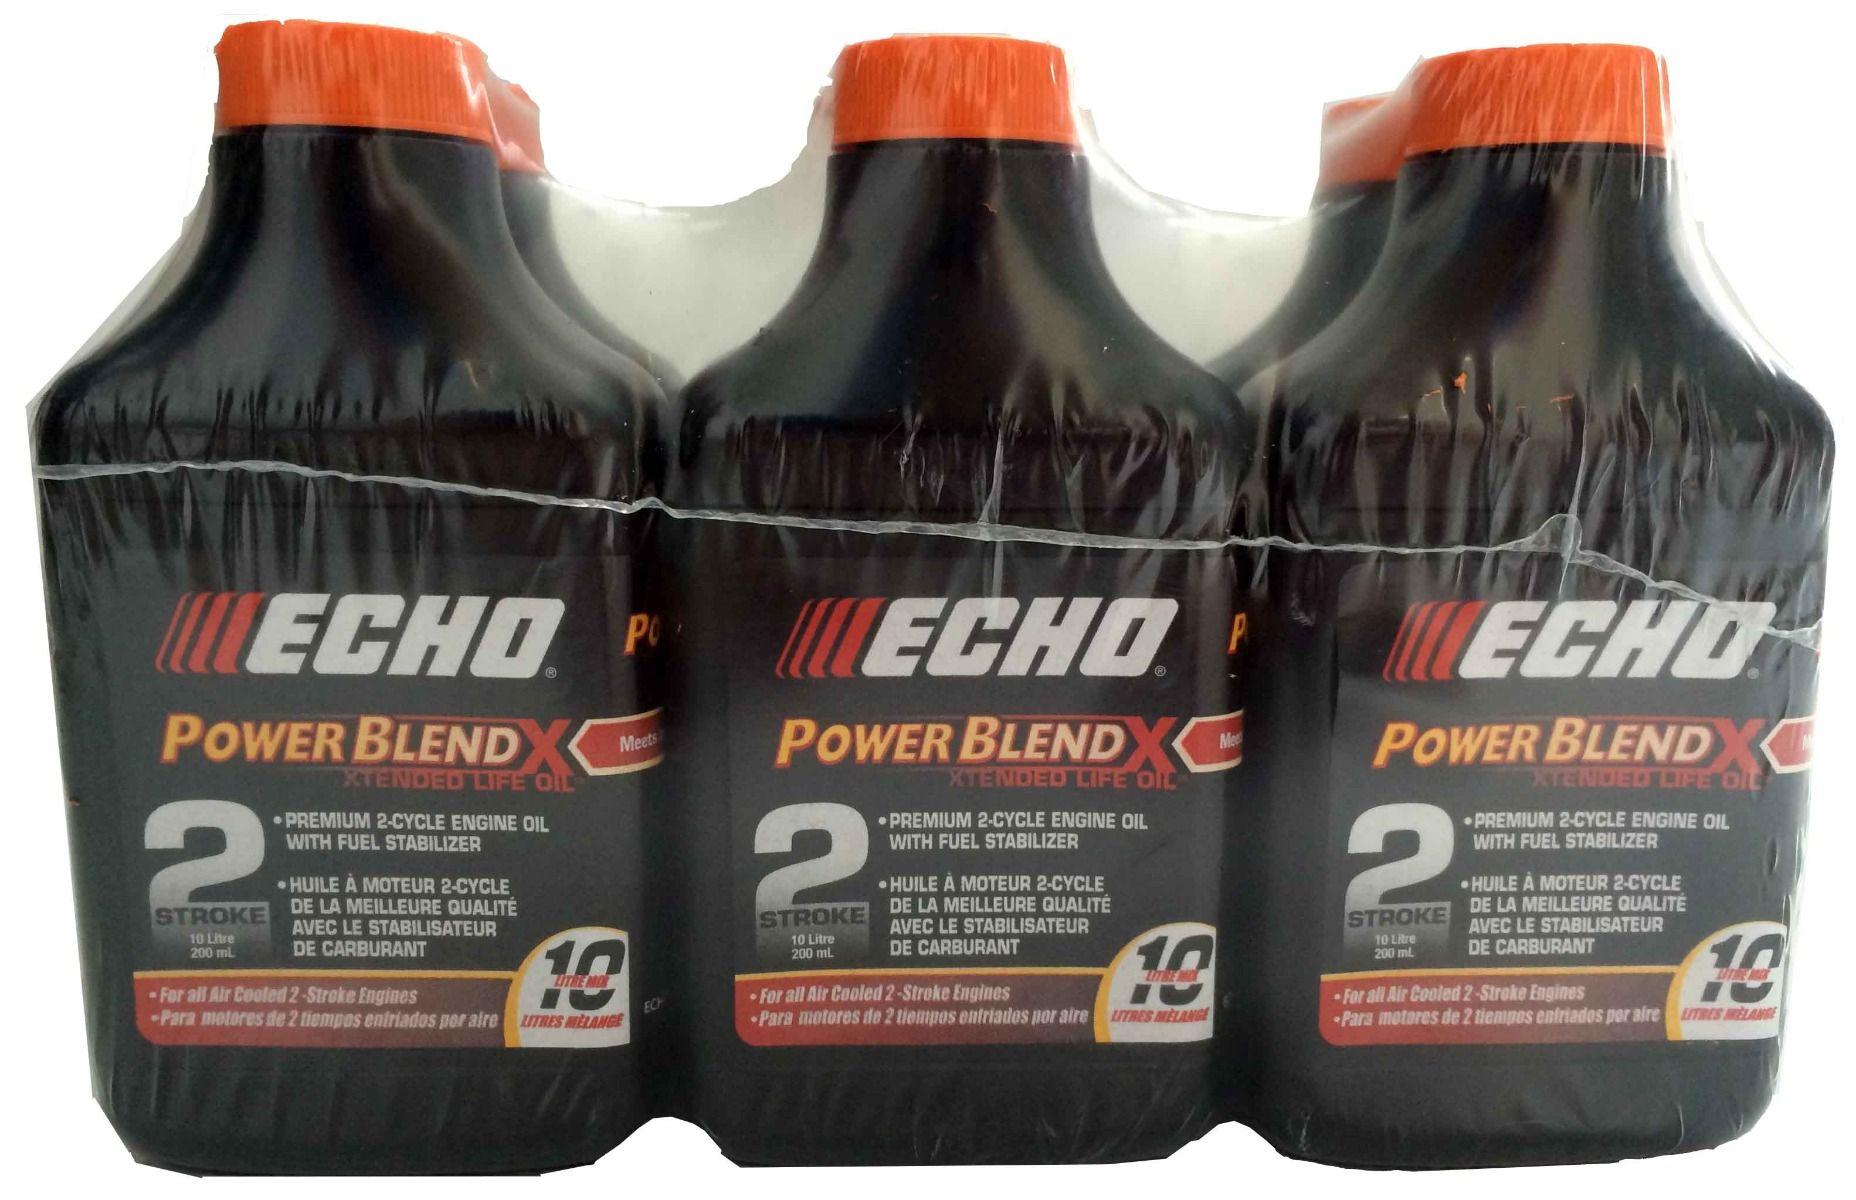 ECHO PowerBlend Premium 2 Cycle Engine Oil 200ml 6 pack